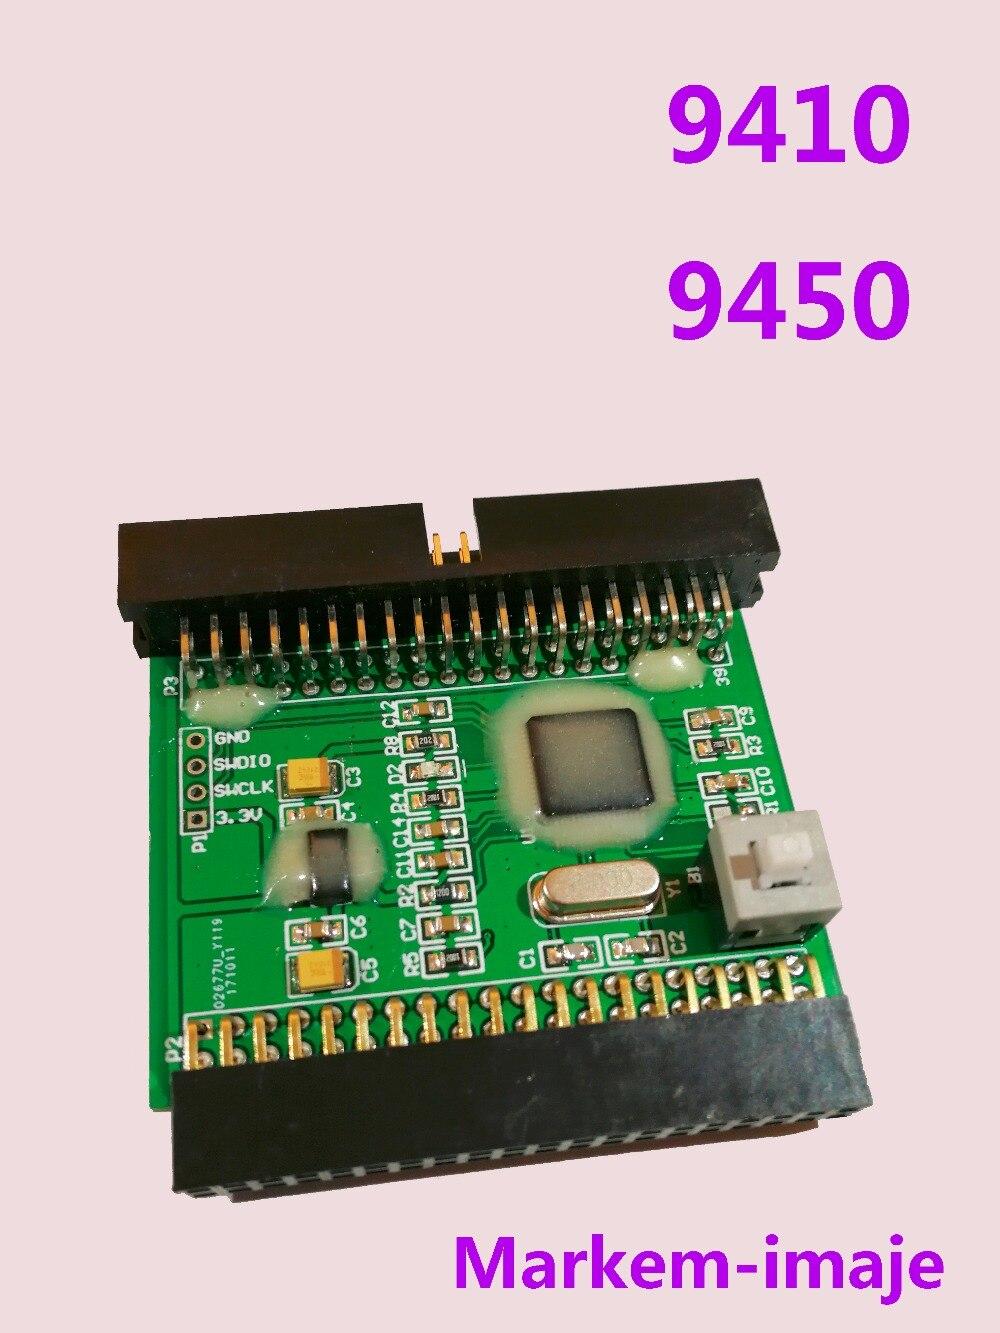 9410 プリンタ RFID ボードタグボードチップボード不要インクと溶剤 RFIDfor イマージュ 9410 プリンタ  グループ上の パソコン & オフィス からの プリンタ部品 の中 1